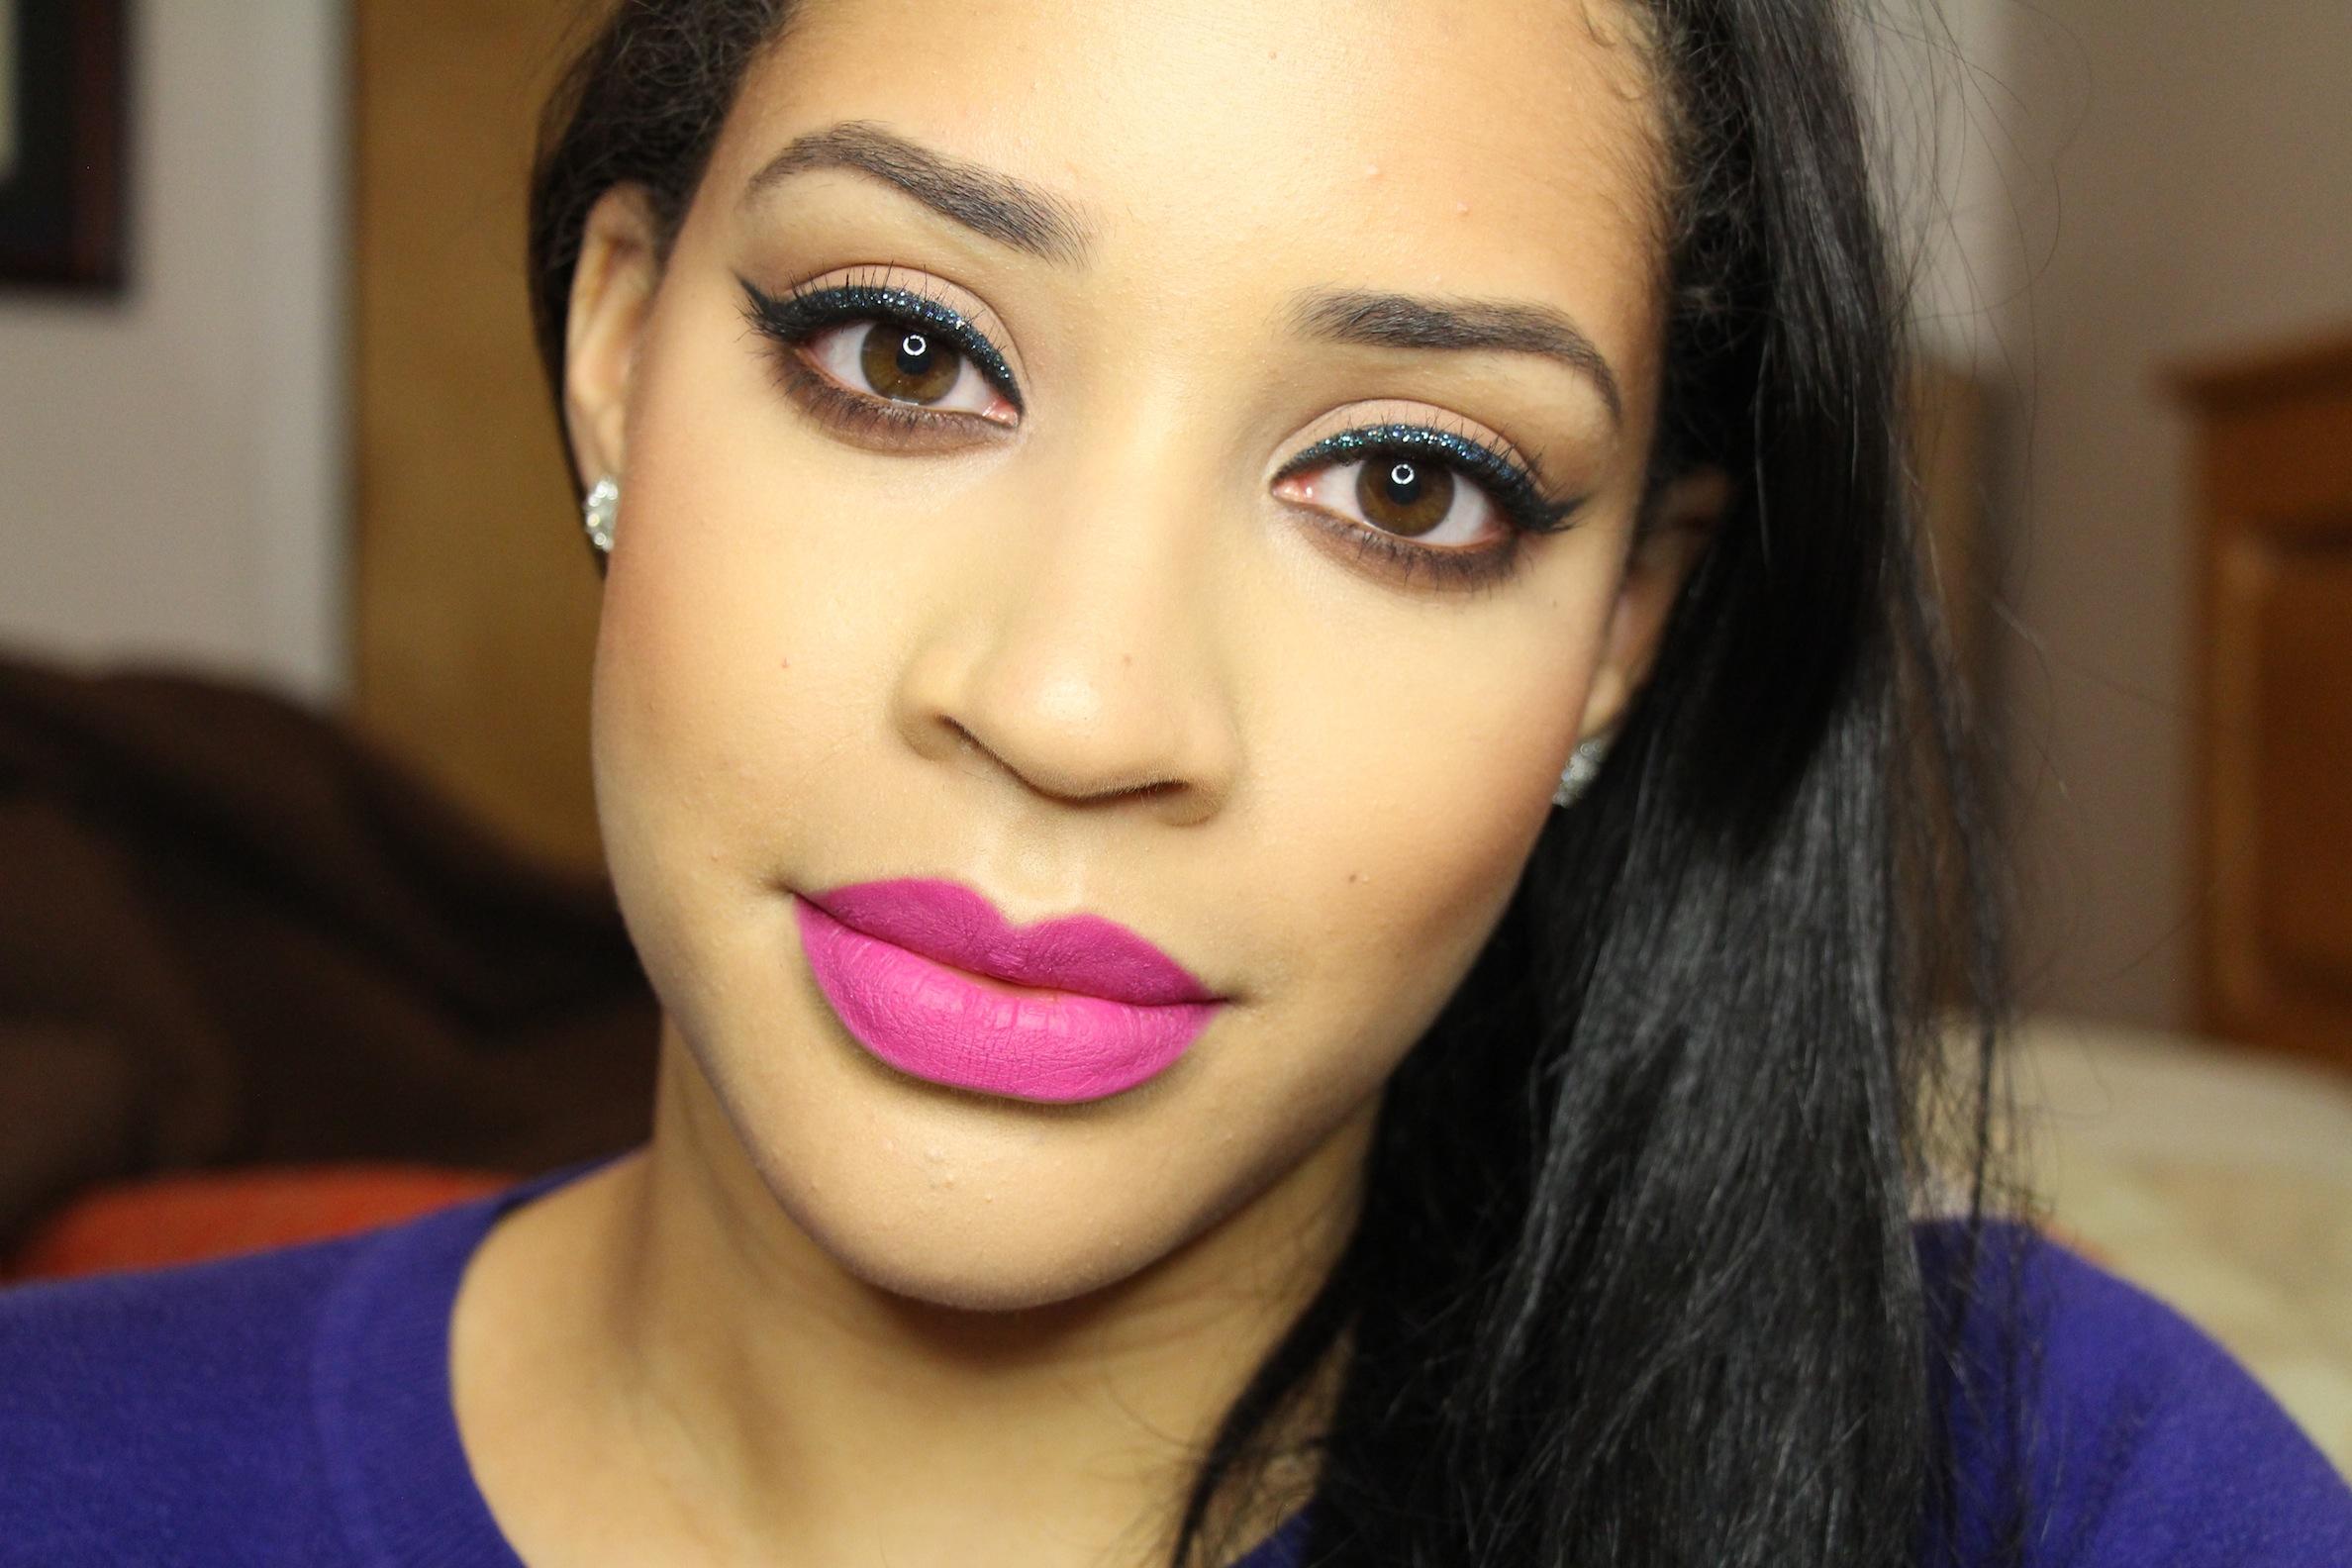 beyonce makeup tutorial - photo #5